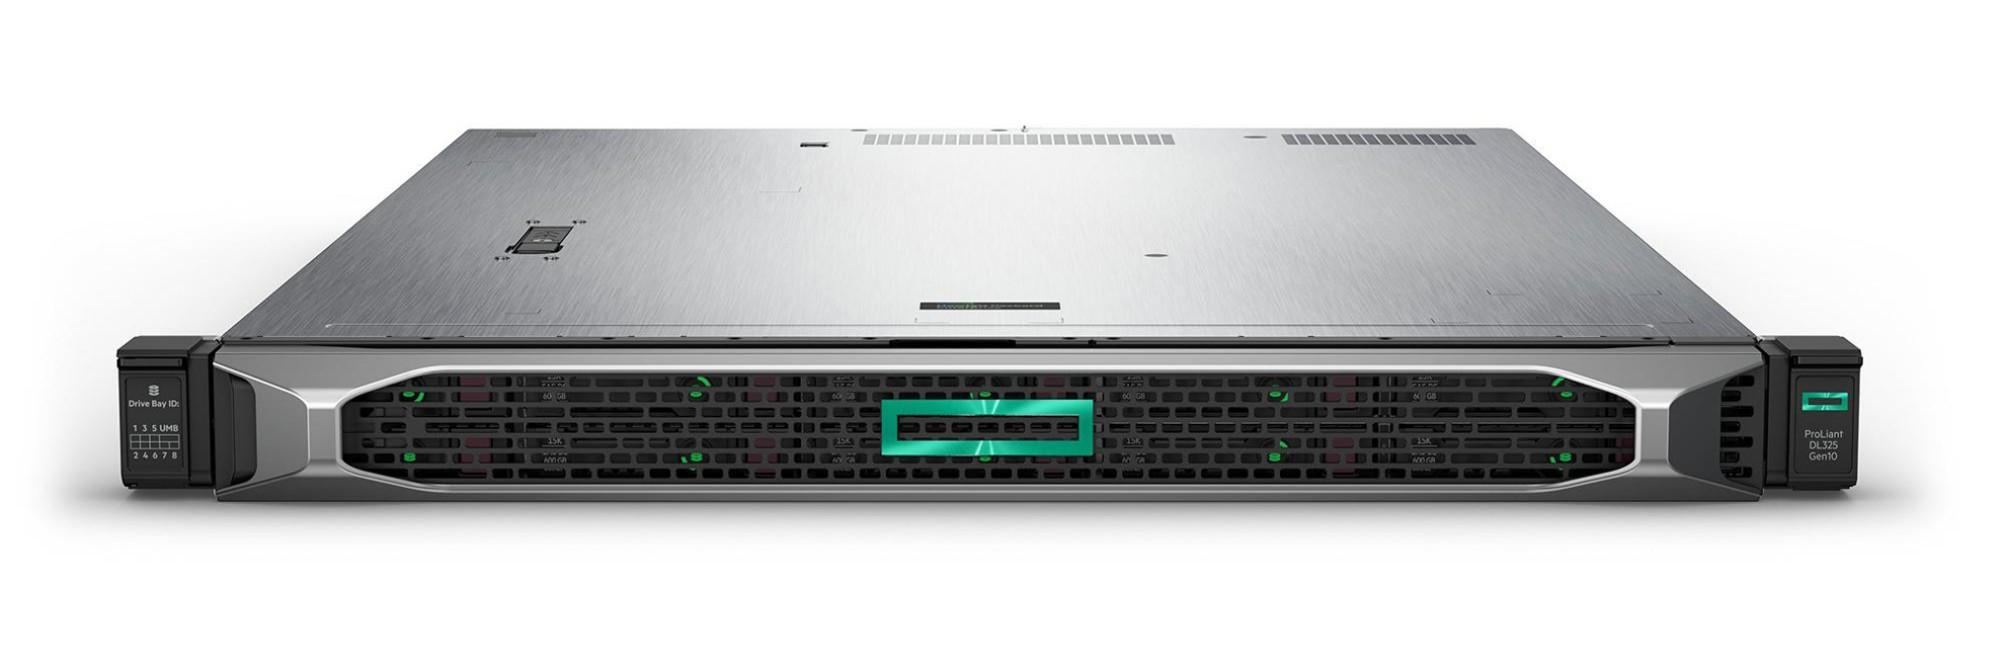 Hewlett Packard Enterprise ProLiant DL325 Gen10 servidor AMD EPYC 3 GHz 16 GB DDR4-SDRAM 24 TB Bastidor (1U) 800 W